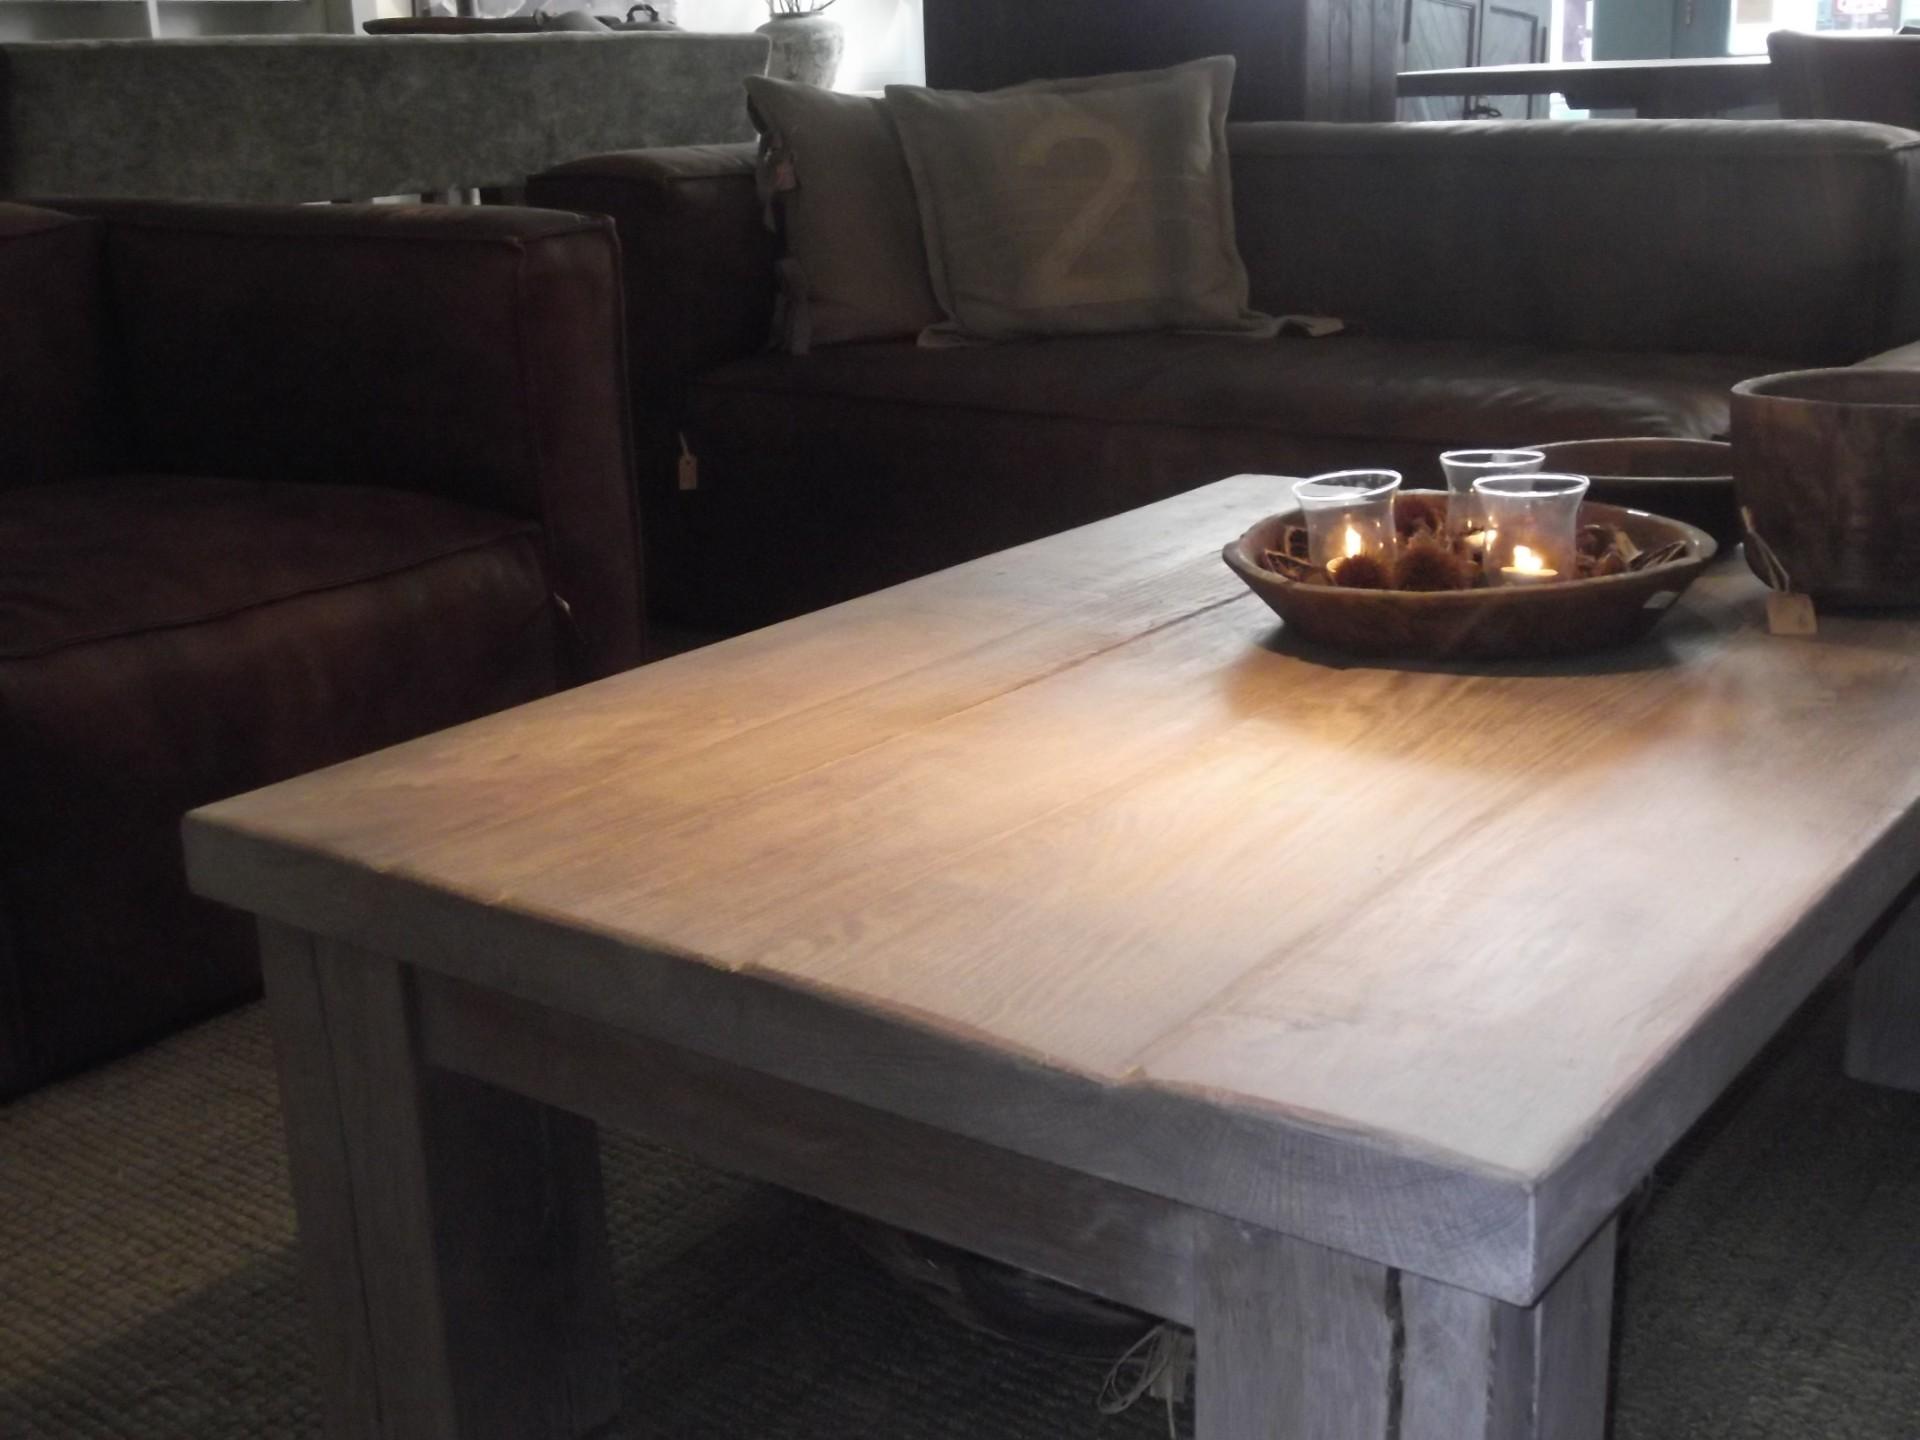 meubelmakerij apeldoorn